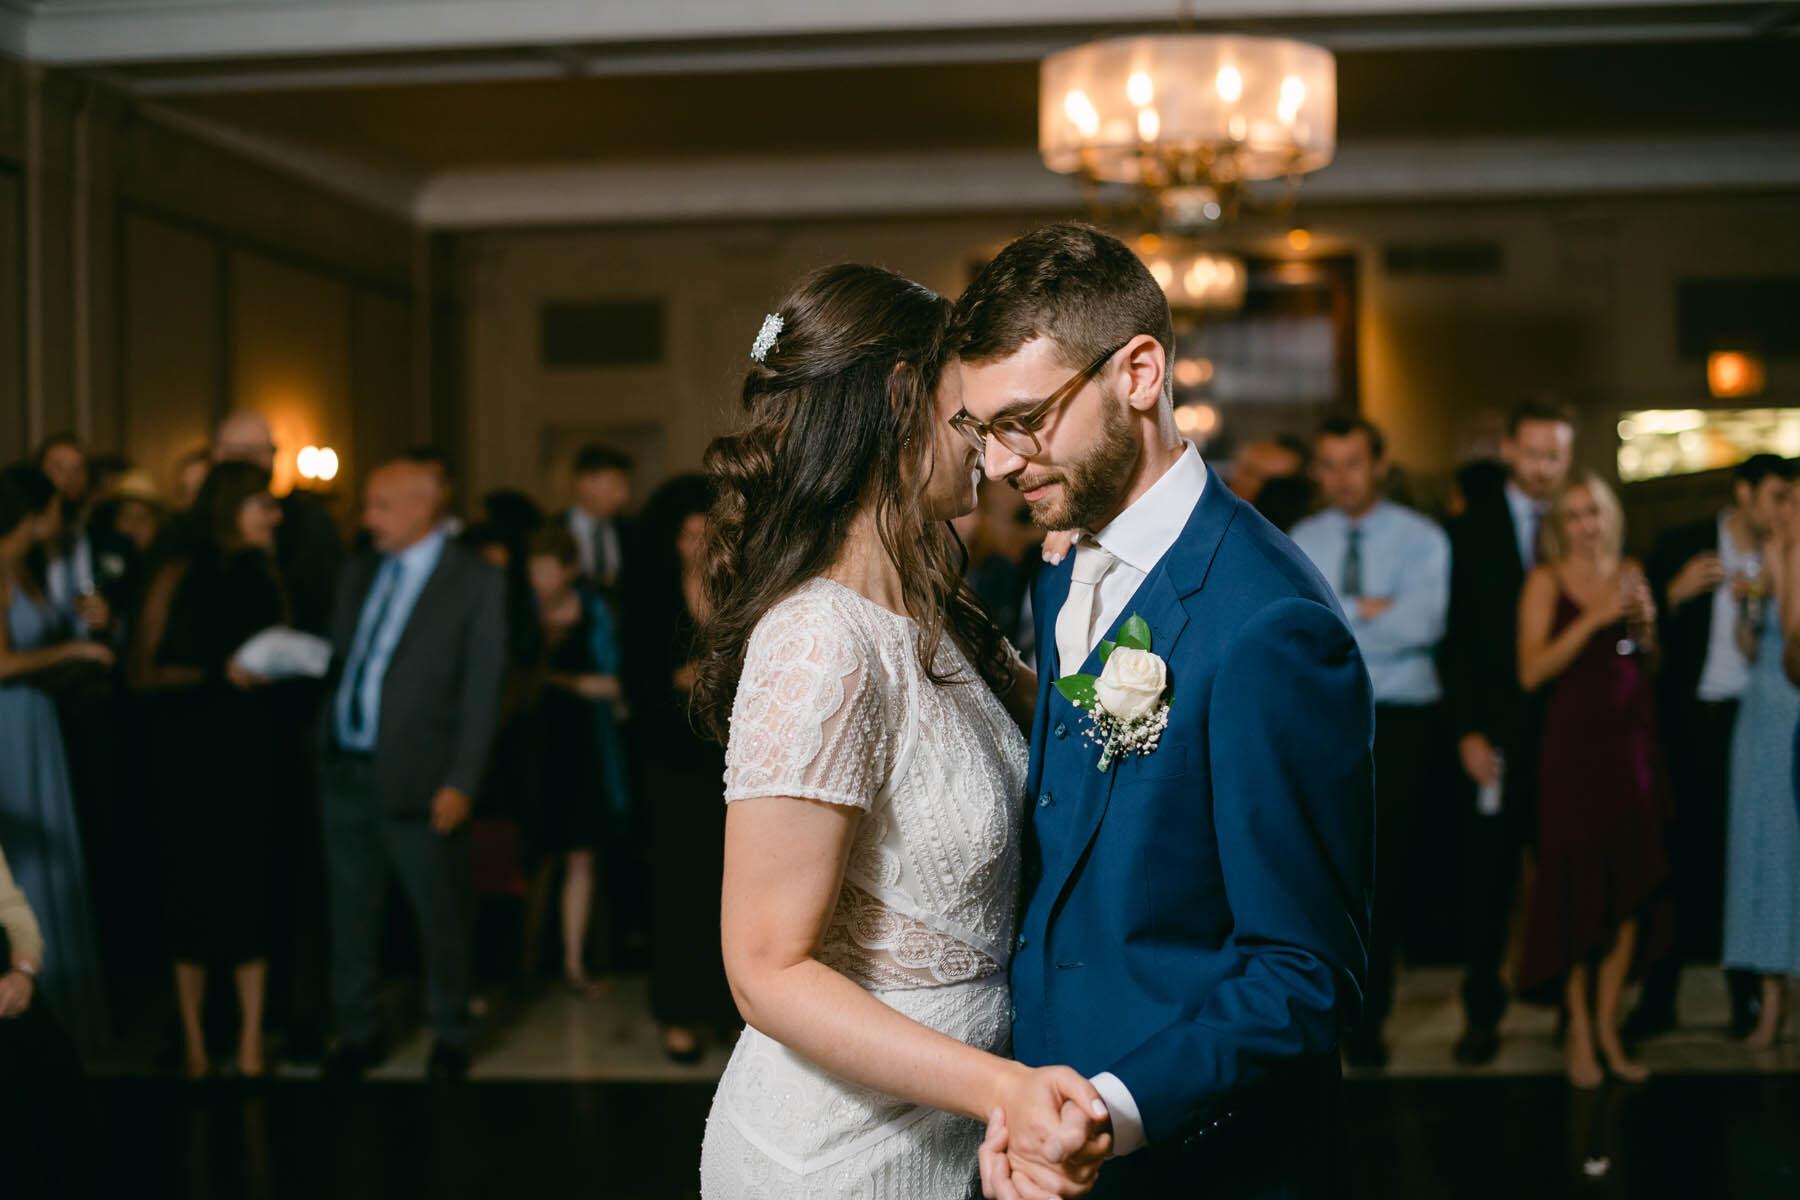 Salvatore's wedding first dance